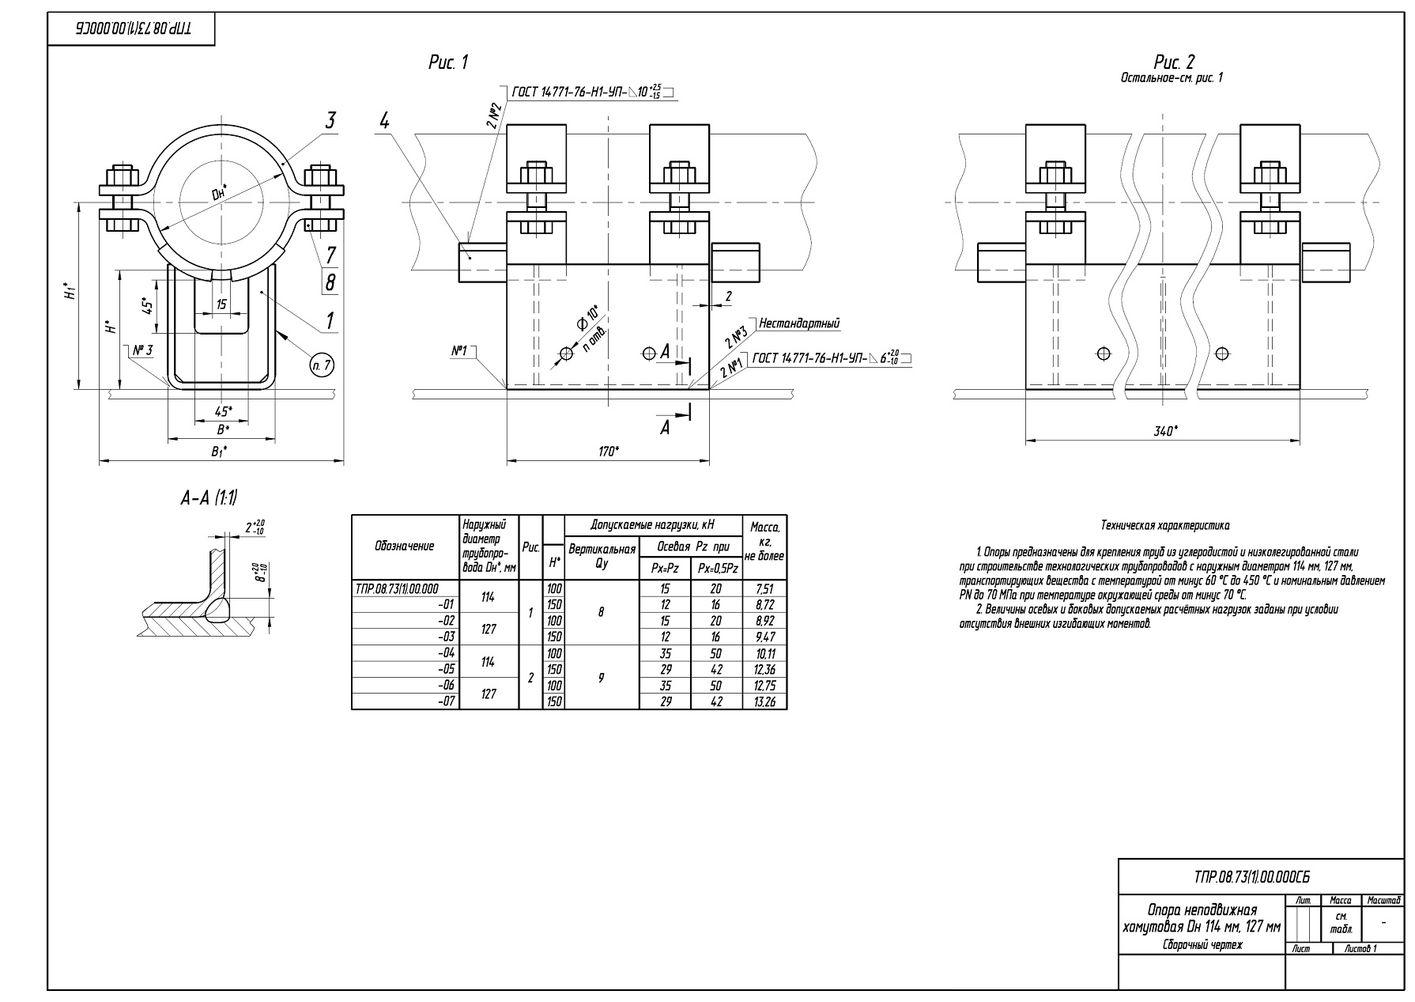 ТПР.08.73(1).00.000 Опоры неподвижные хомутовые трубопроводов Дн 114, 127 мм